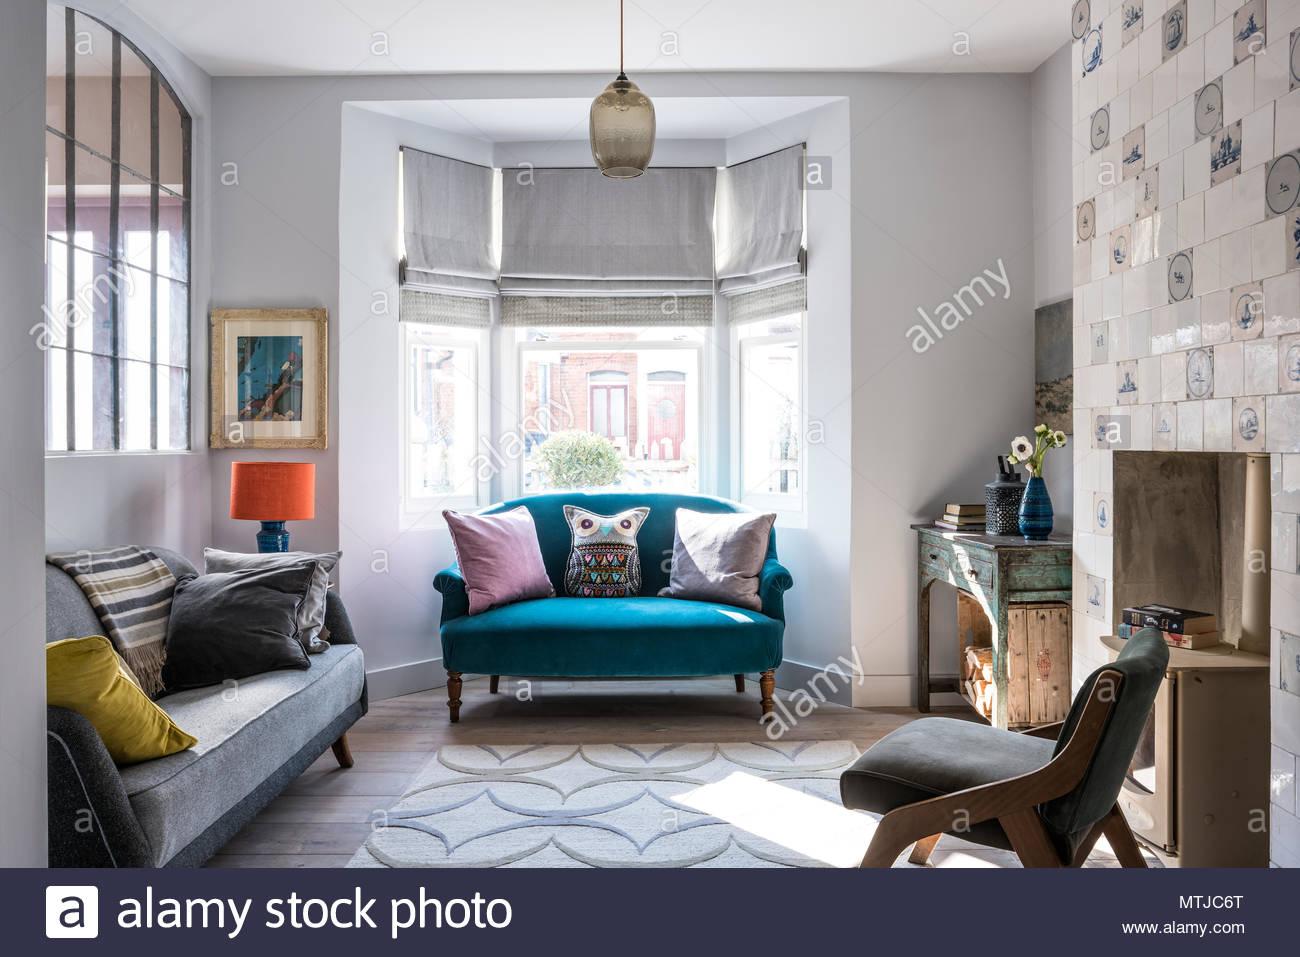 Große Französische Metal Geborgen Fenster Im Wohnzimmer Mit Delfter Kacheln  Kamin. Das Graue Vintage Sofa Ist Aus Französisch Affäre. Der Teppich Von  ...